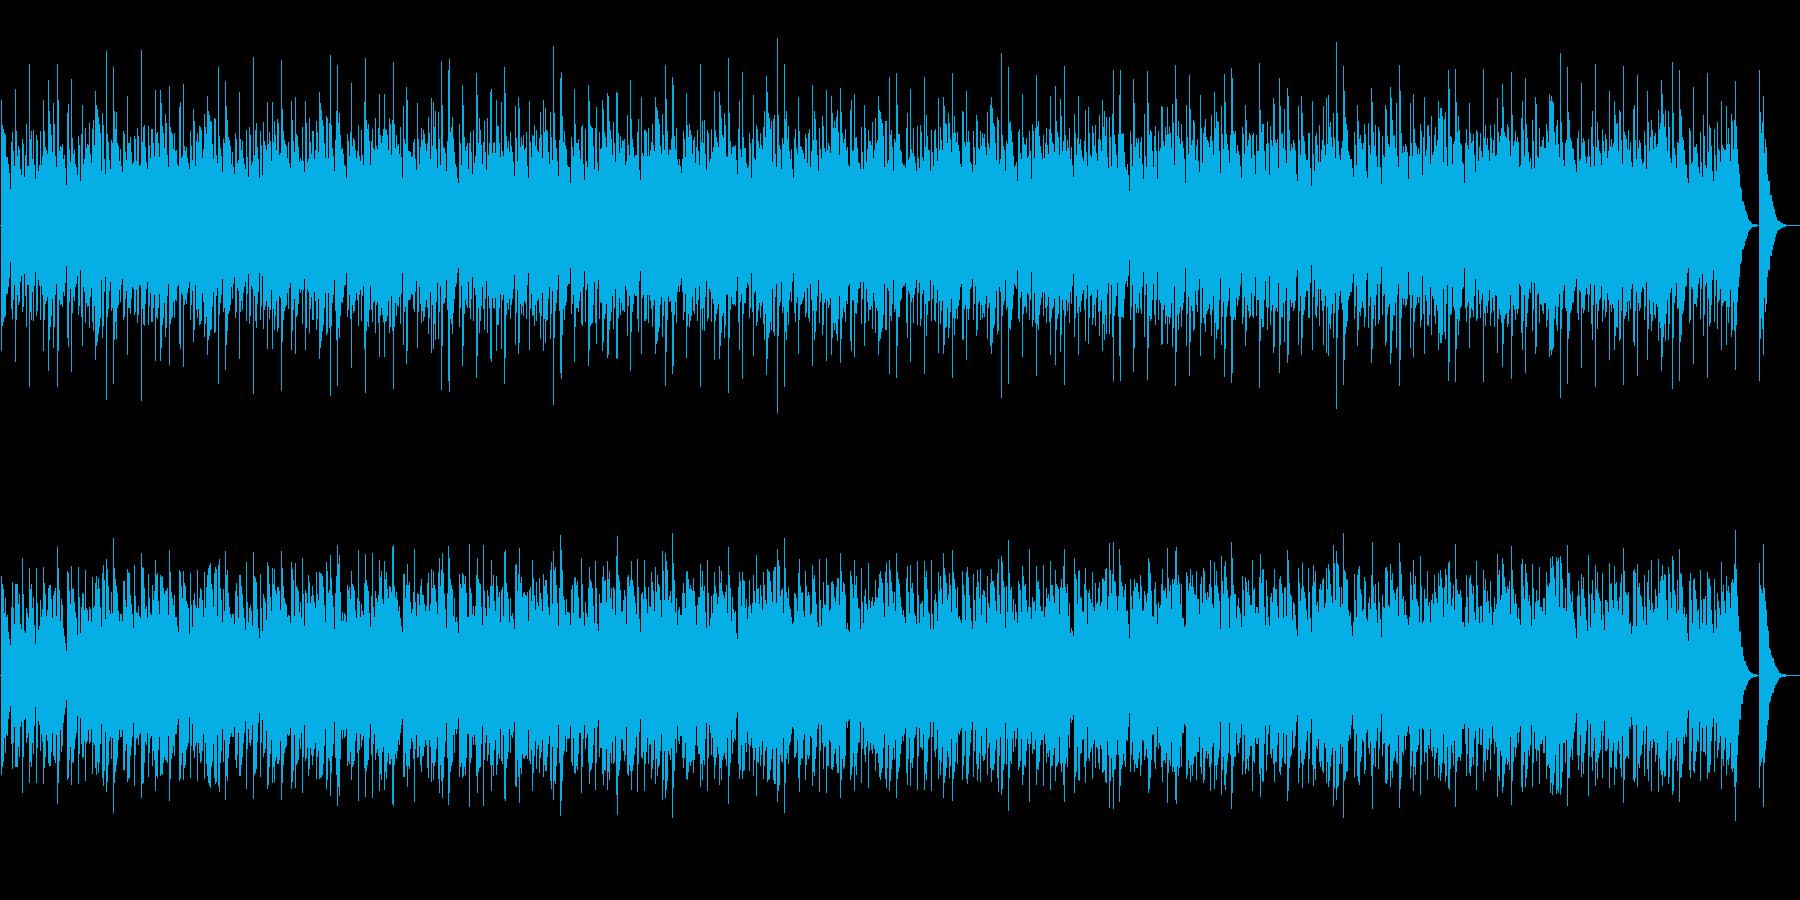 和風・オーソドックスな祭囃子の再生済みの波形